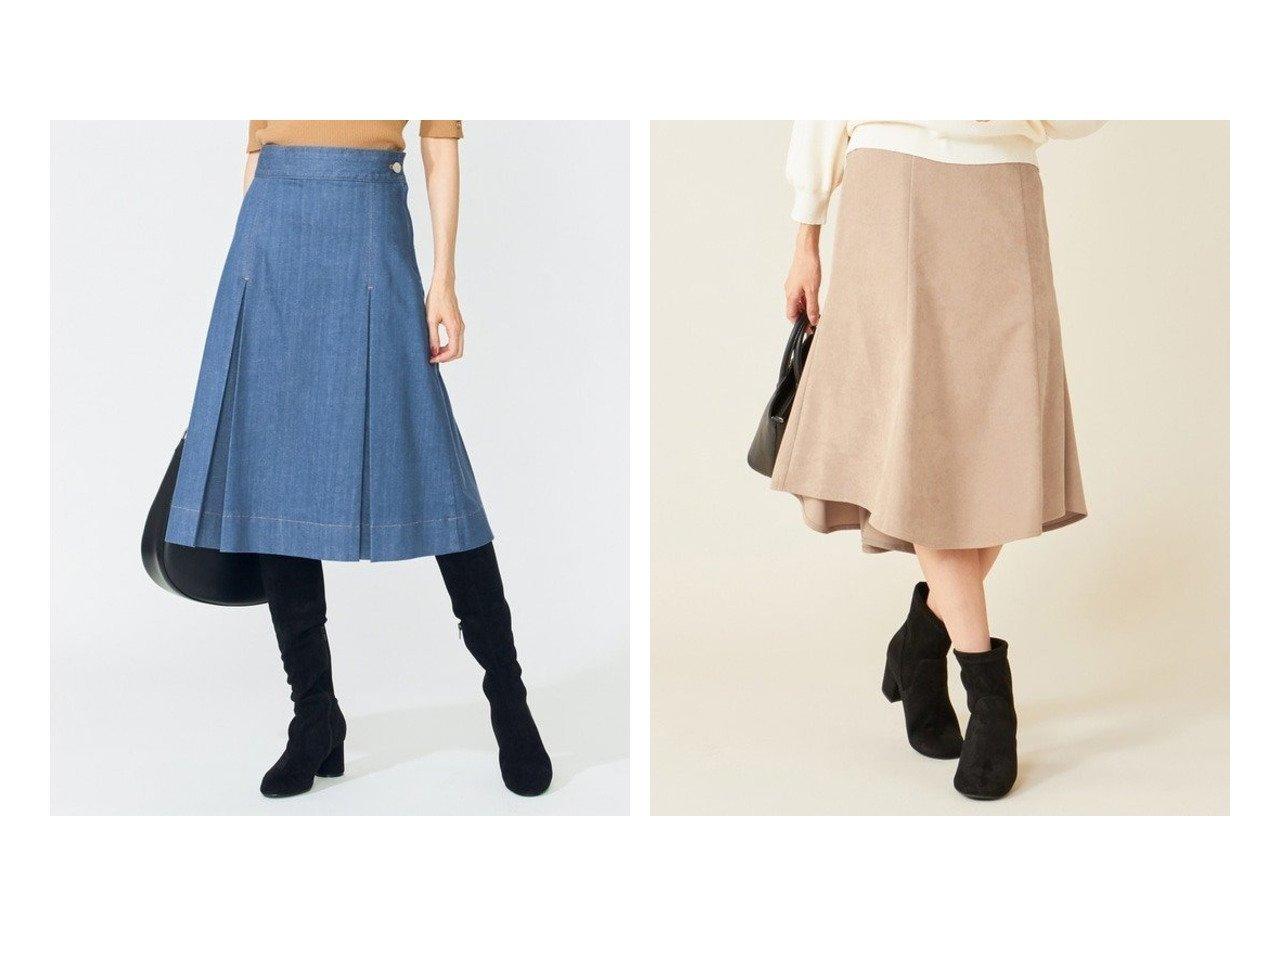 【KUMIKYOKU/組曲】の【洗える】AQUATIC DENIM タックフレアスカート&【any SiS/エニィ スィス】の【洗える】マーメイドスエード調 スカート スカートのおすすめ!人気、トレンド・レディースファッションの通販  おすすめで人気の流行・トレンド、ファッションの通販商品 メンズファッション・キッズファッション・インテリア・家具・レディースファッション・服の通販 founy(ファニー) https://founy.com/ ファッション Fashion レディースファッション WOMEN スカート Skirt Aライン/フレアスカート Flared A-Line Skirts 洗える 今季 スニーカー デニム ドット 定番 ハーフ A/W 秋冬 AW Autumn/Winter / FW Fall-Winter 2020年 2020 2020-2021 秋冬 A/W AW Autumn/Winter / FW Fall-Winter 2020-2021 送料無料 Free Shipping スエード フェイクスエード マーメイド |ID:crp329100000009749